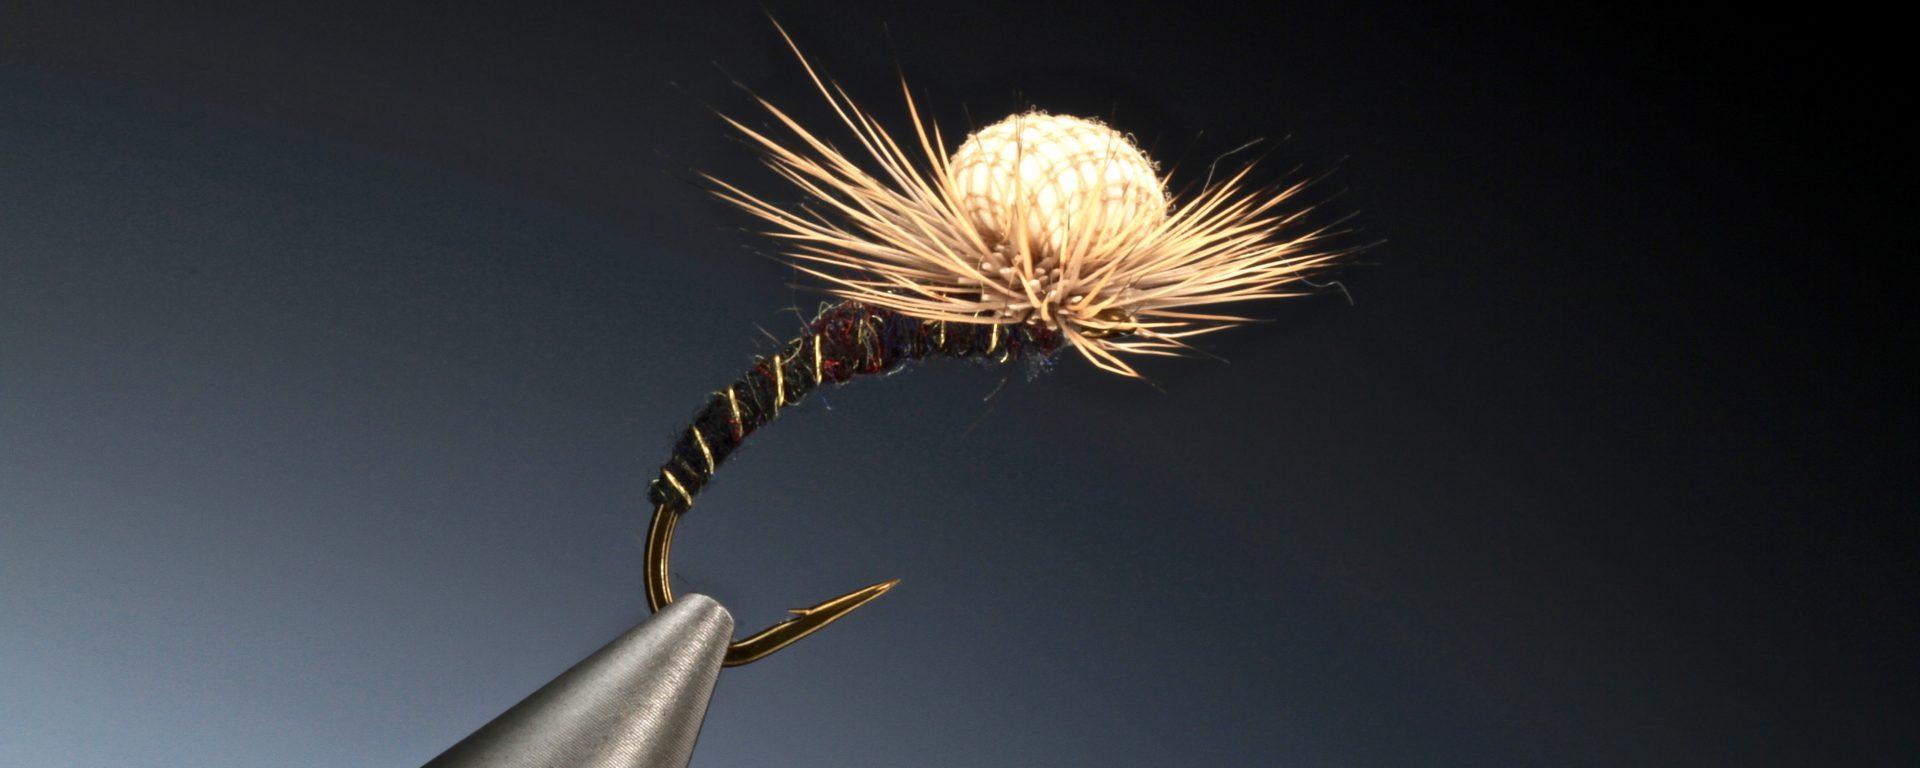 fly tying Deer hair hackle suspender midge